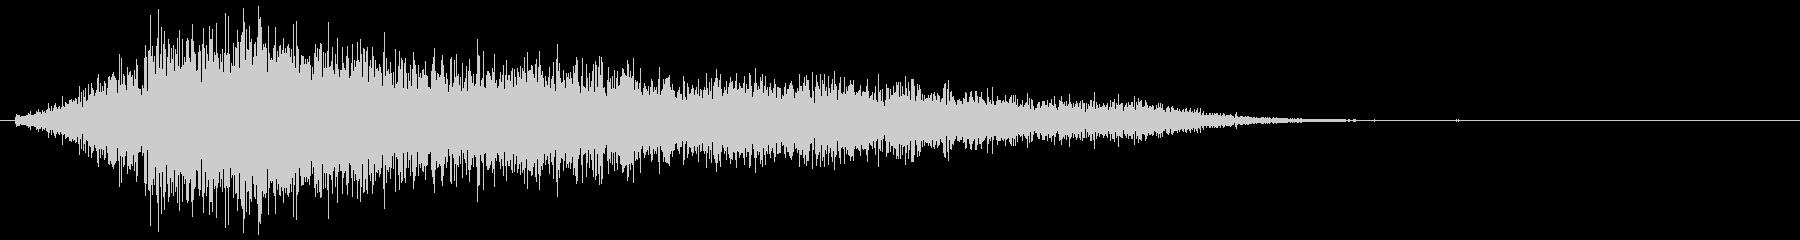 キシャーッ(モンスター、鳴き声)の未再生の波形